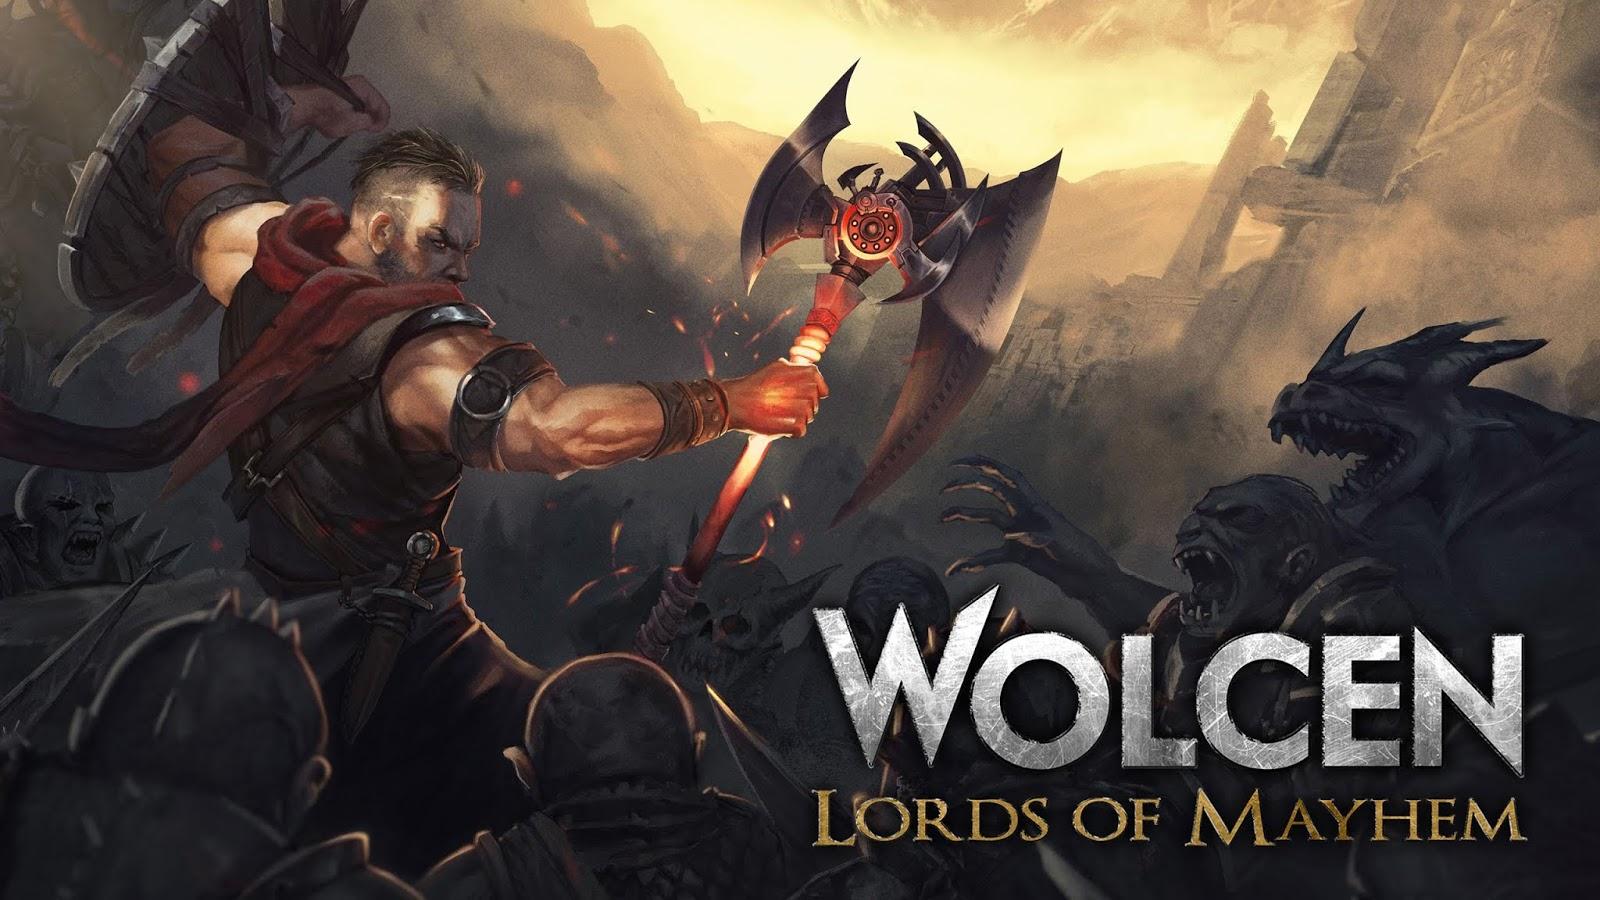 wolcen-lords-of-mayhem-wrath-of-sarisel